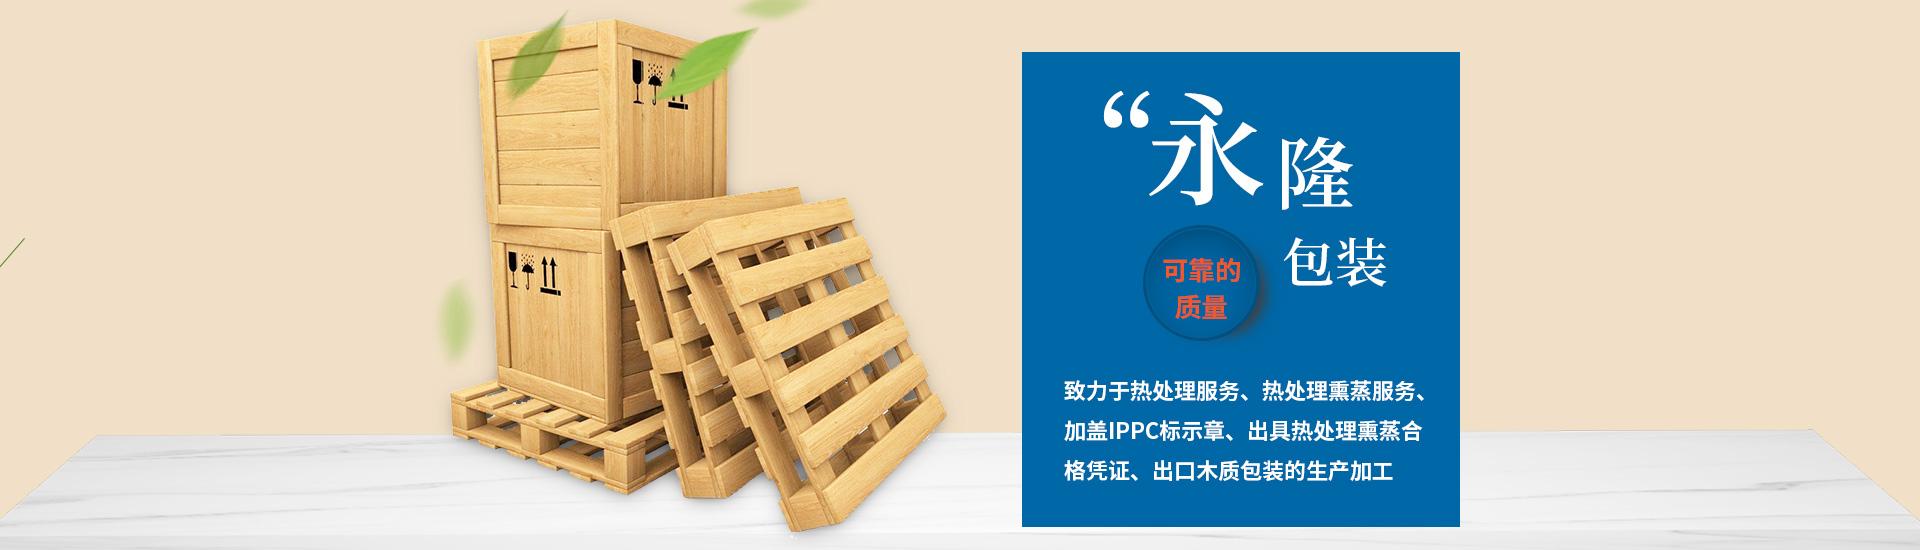 雷竞技苹果下载官方版木质雷竞技下载安卓版